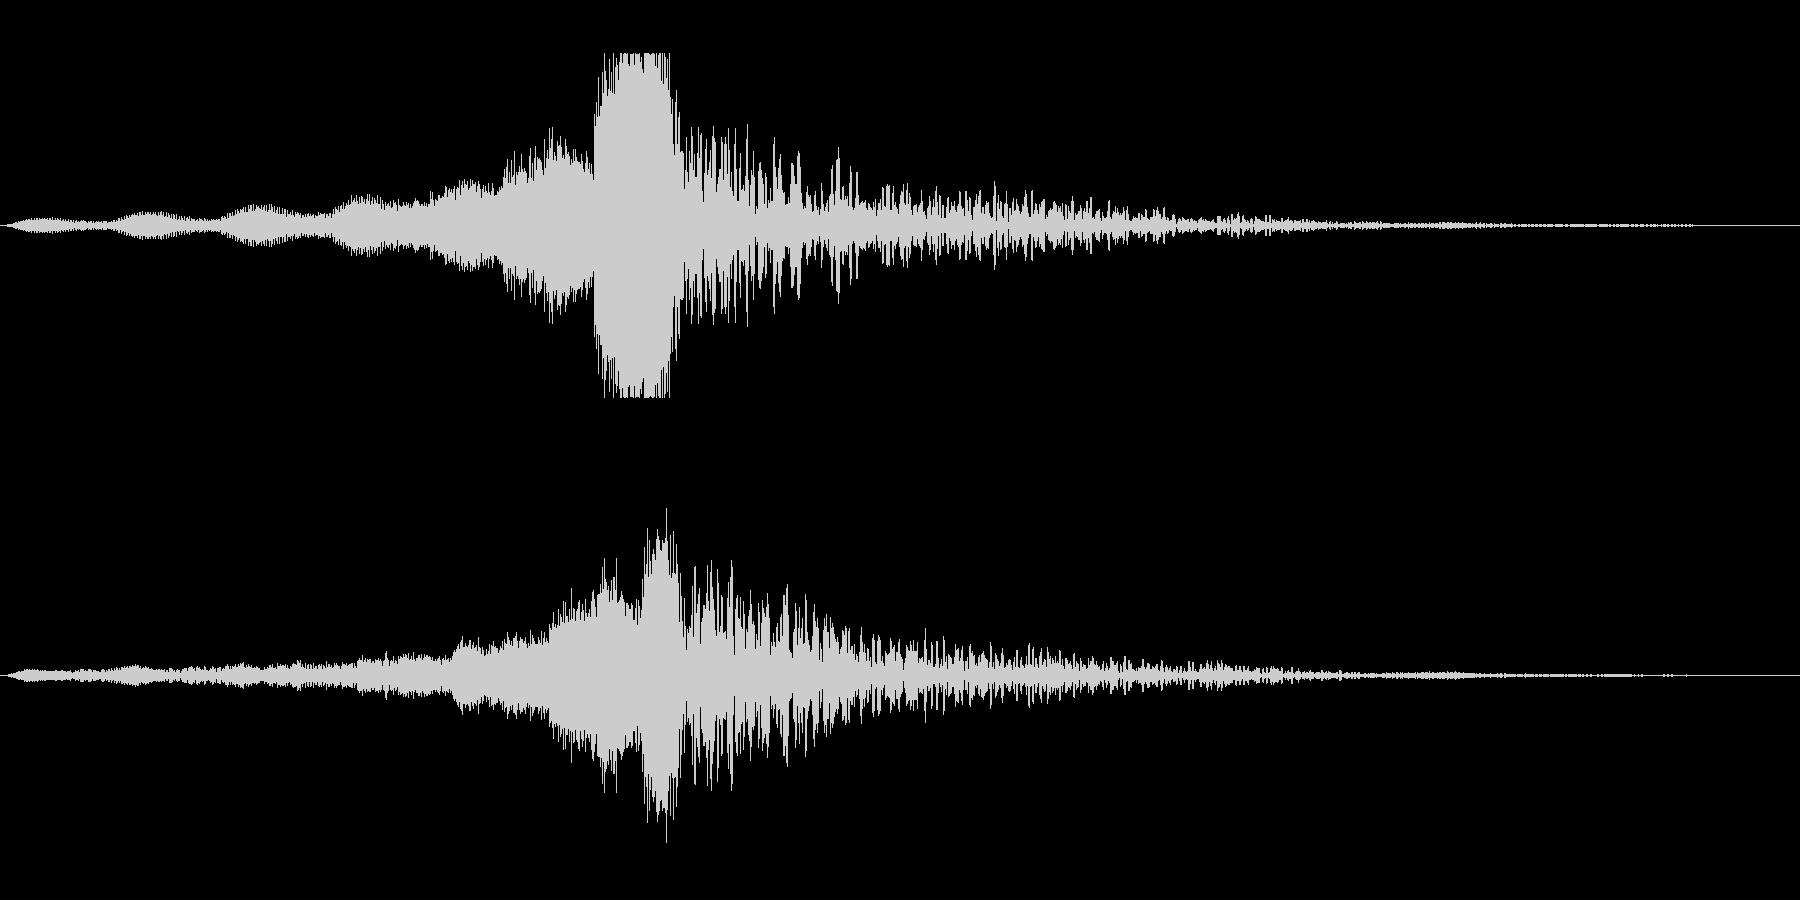 ホラー系アタック音103の未再生の波形